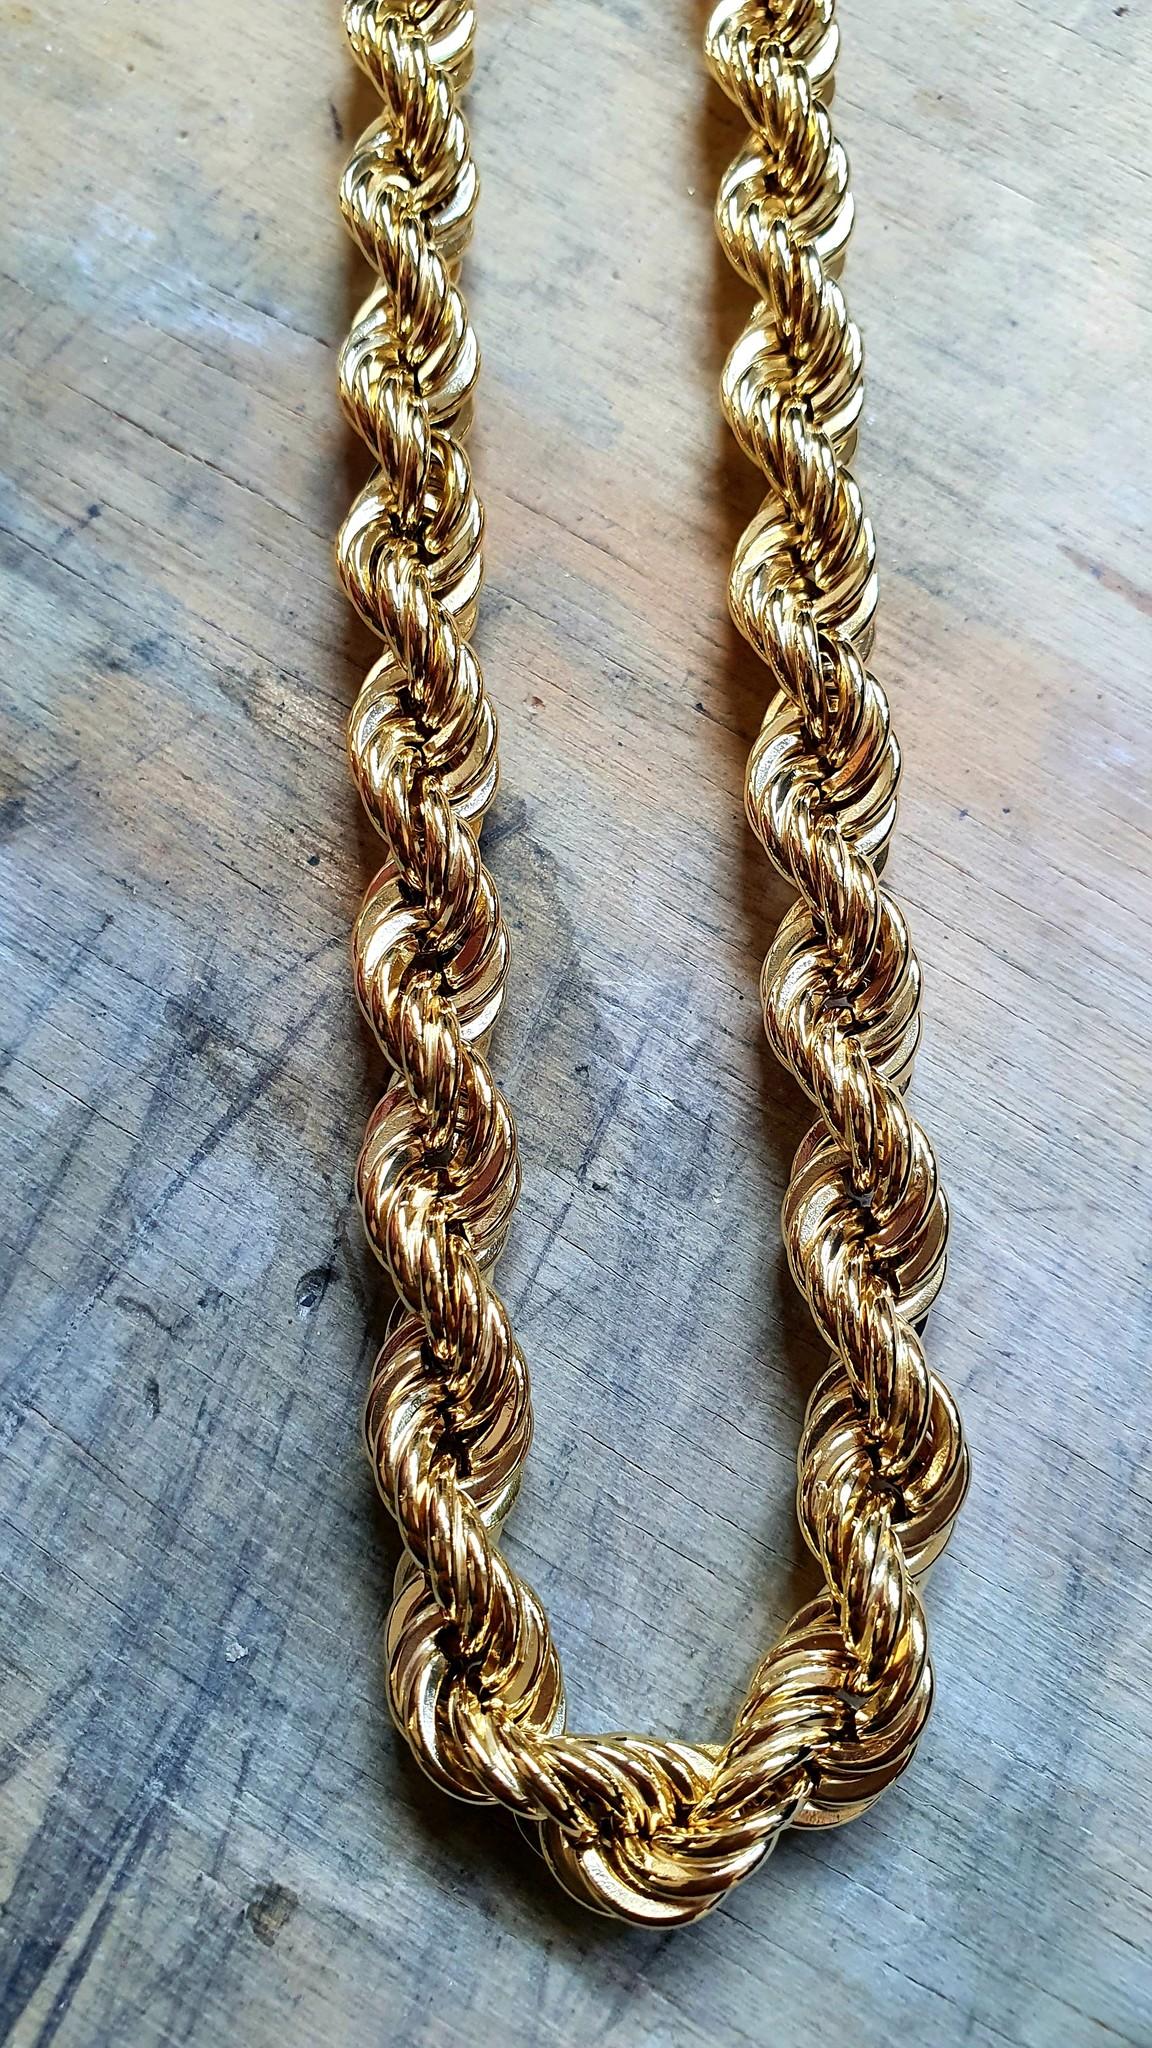 Rope chain Nederlands goud 14kt 9 mm-1